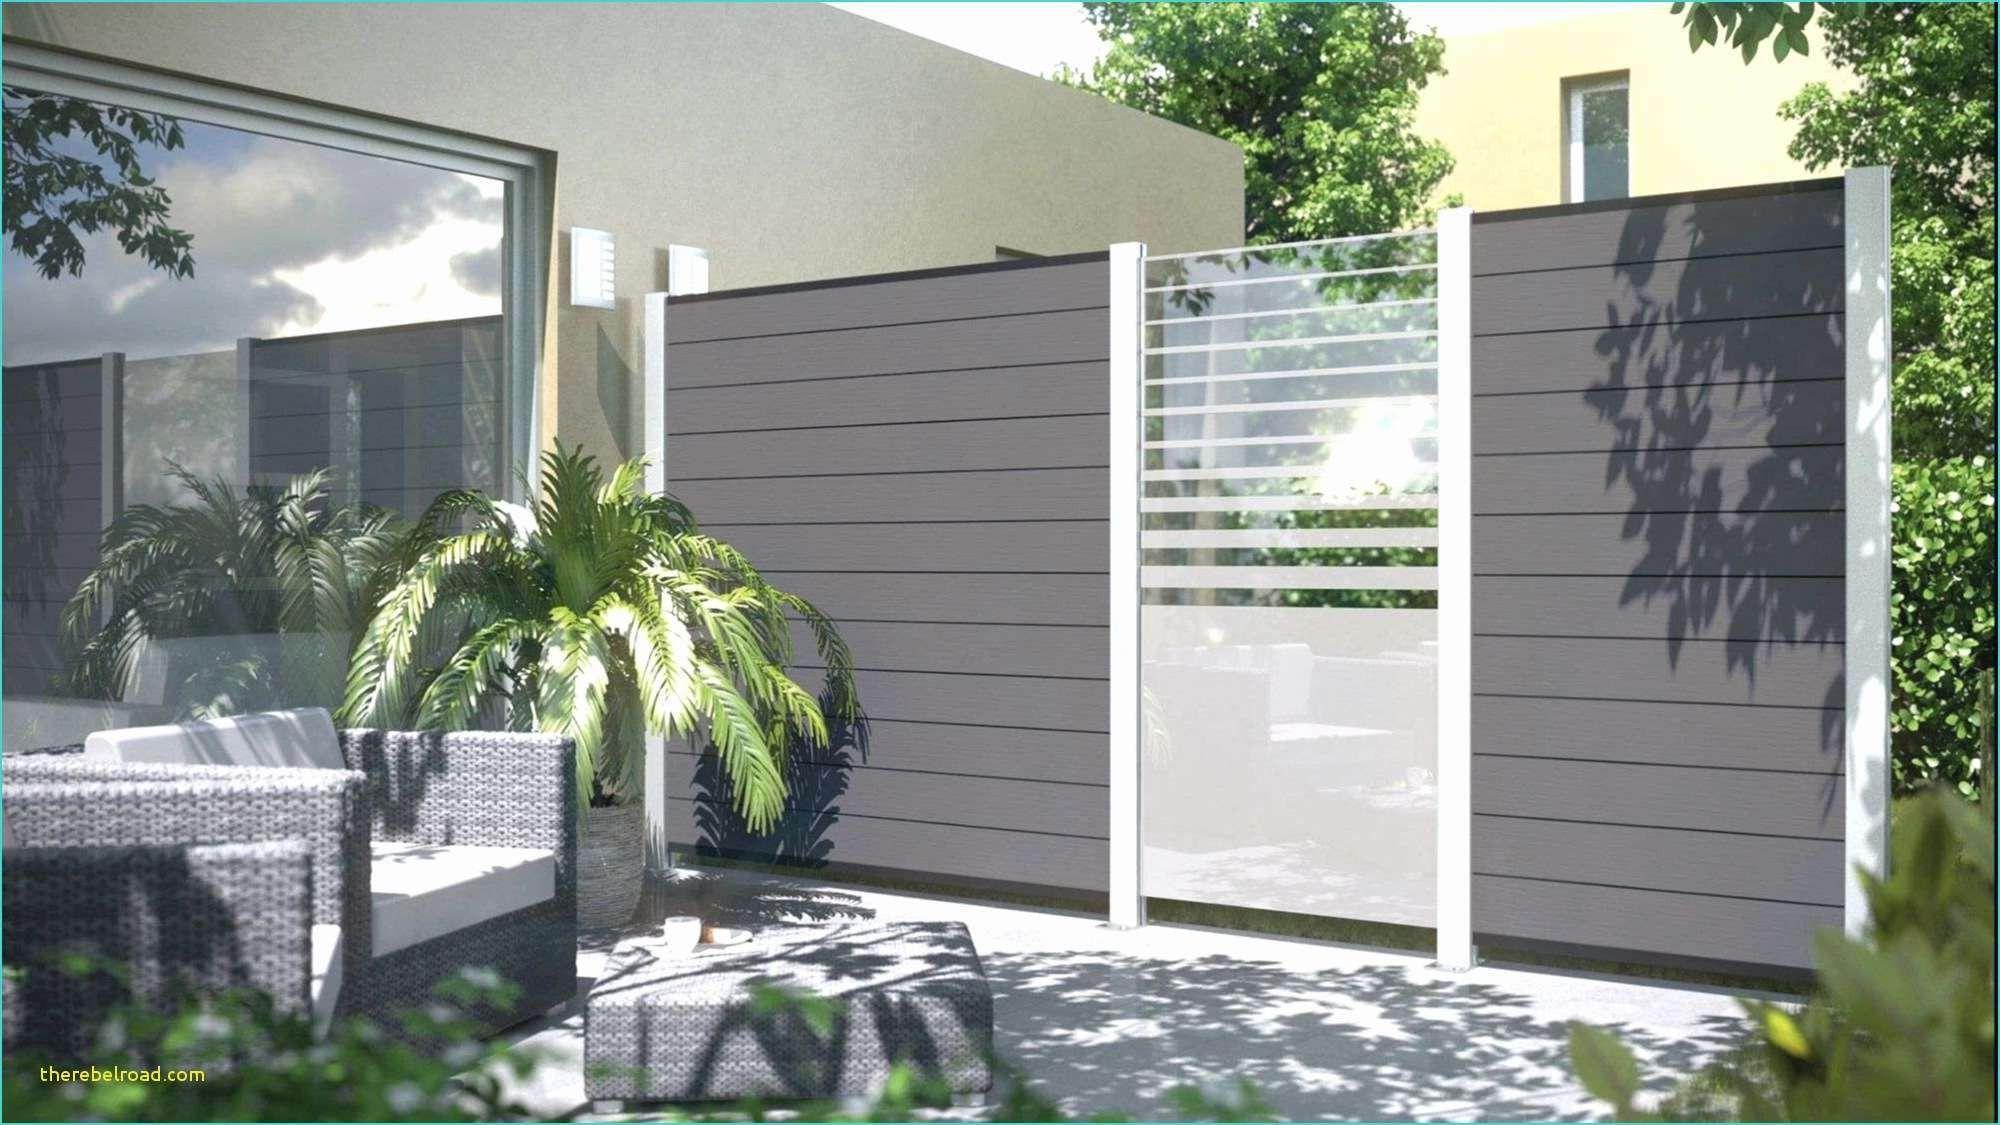 Design 44 Zum Wpc Sichtschutz Set Sichtschutz Sichtschutz Wpc